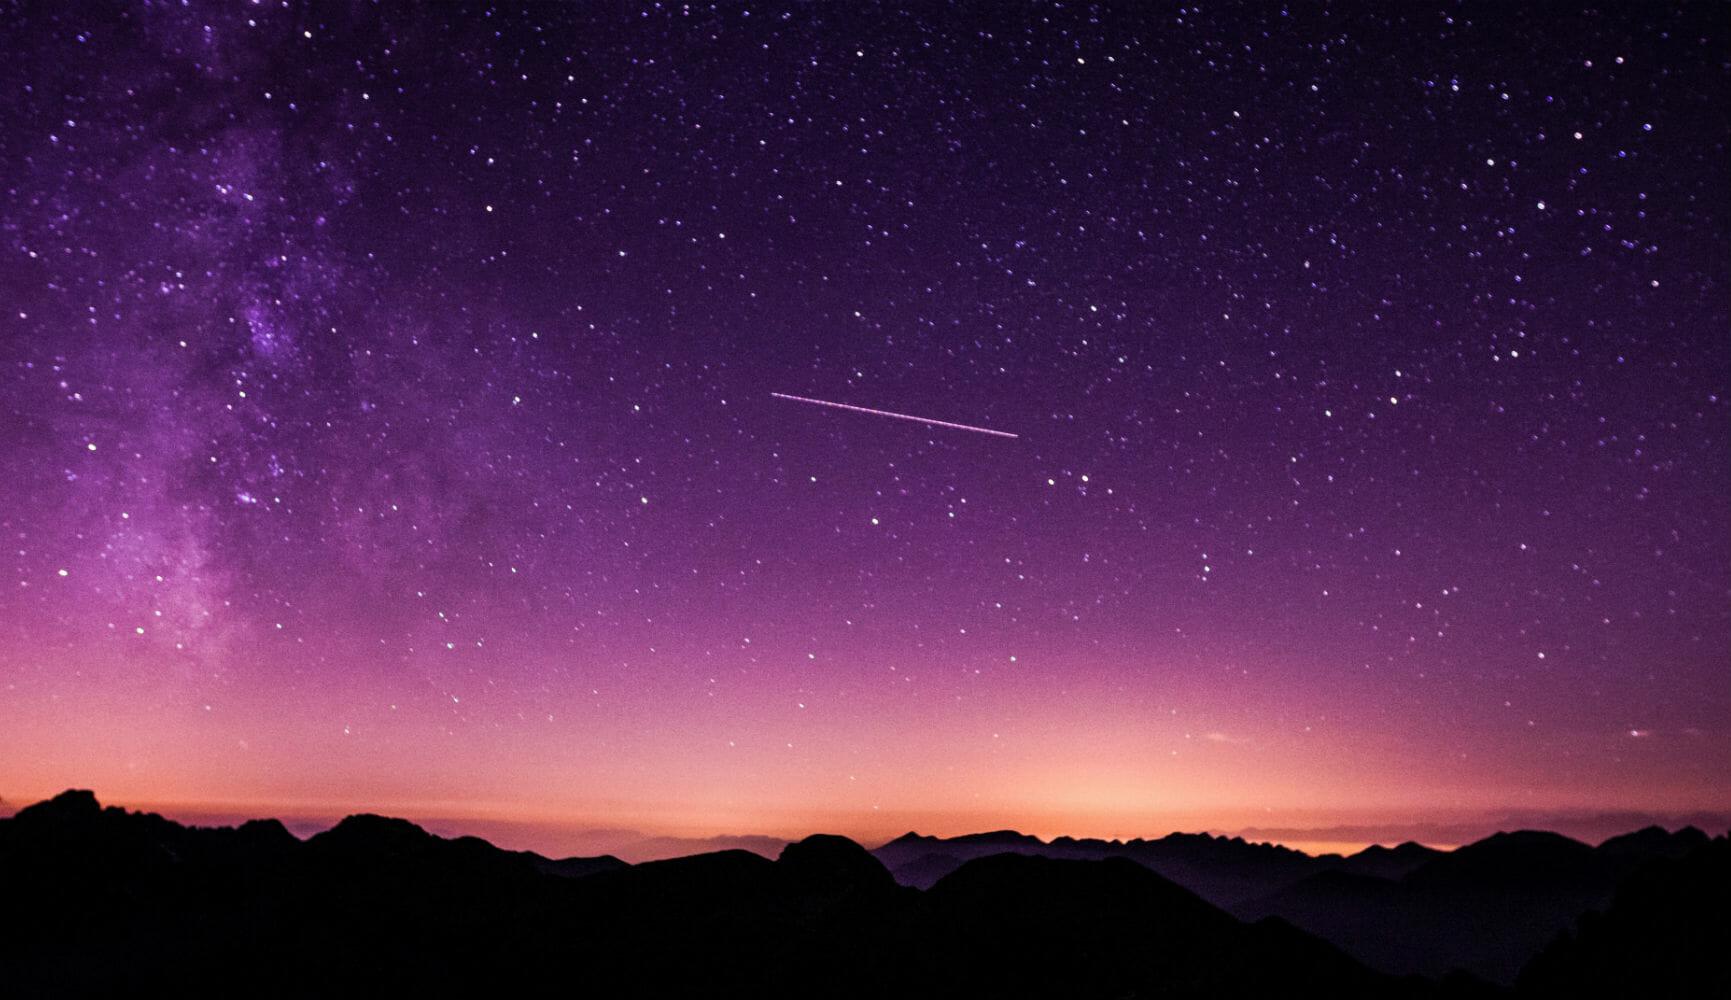 Cielo estrellado con estrella fugaz en el horizonte